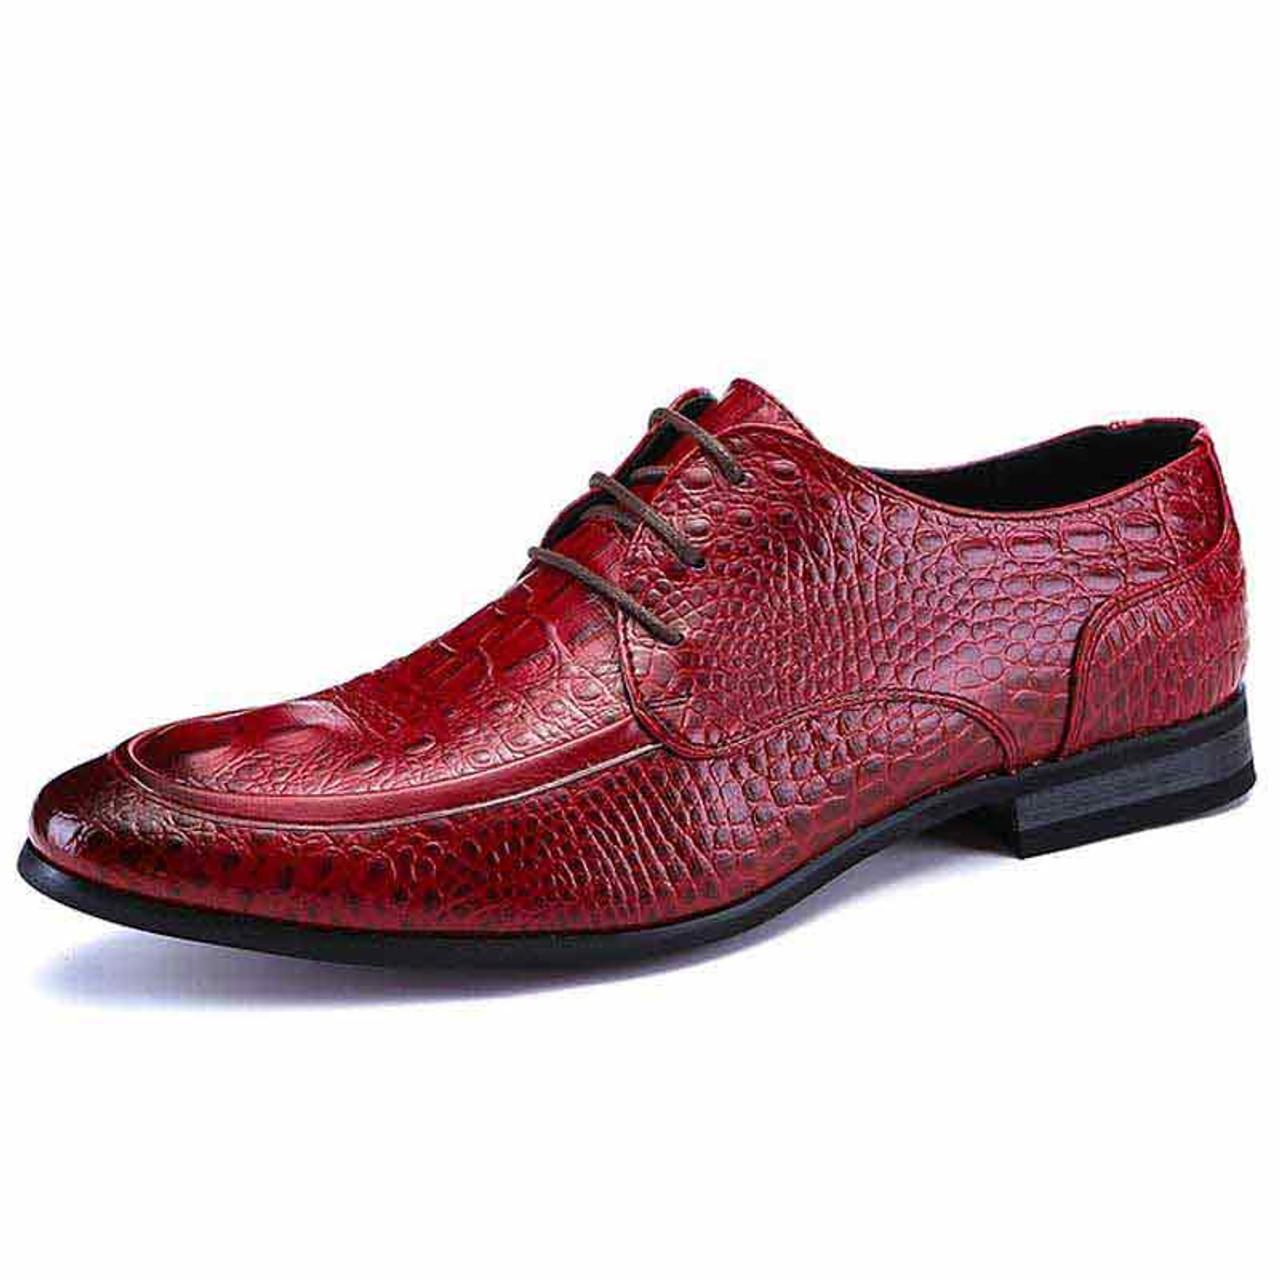 Red crocodile skin pattern derby dress